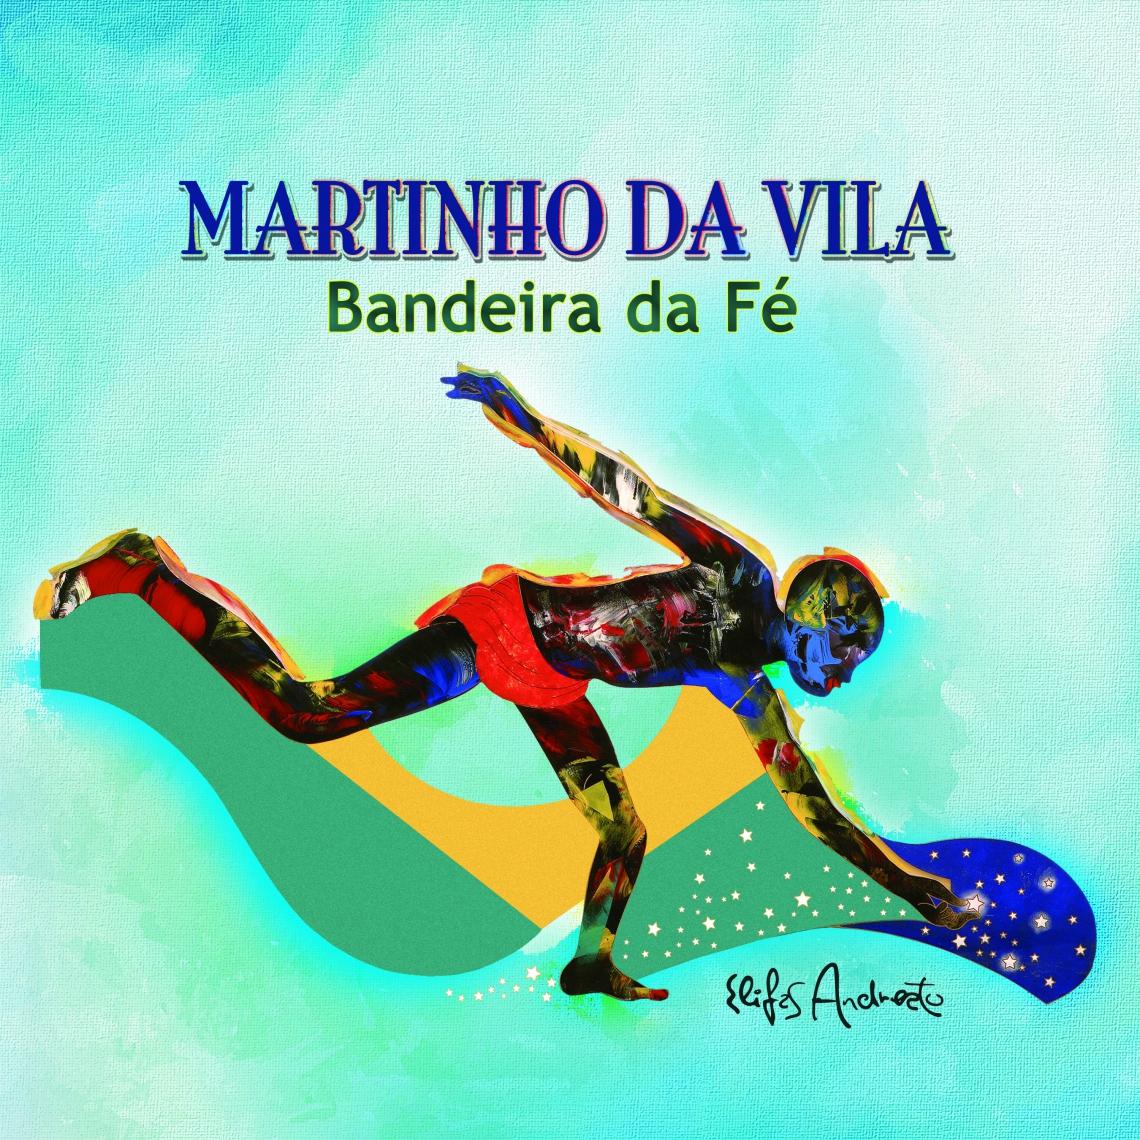 Elifas Andreato assina mais uma vez a capa do disco de Martinho da Vila